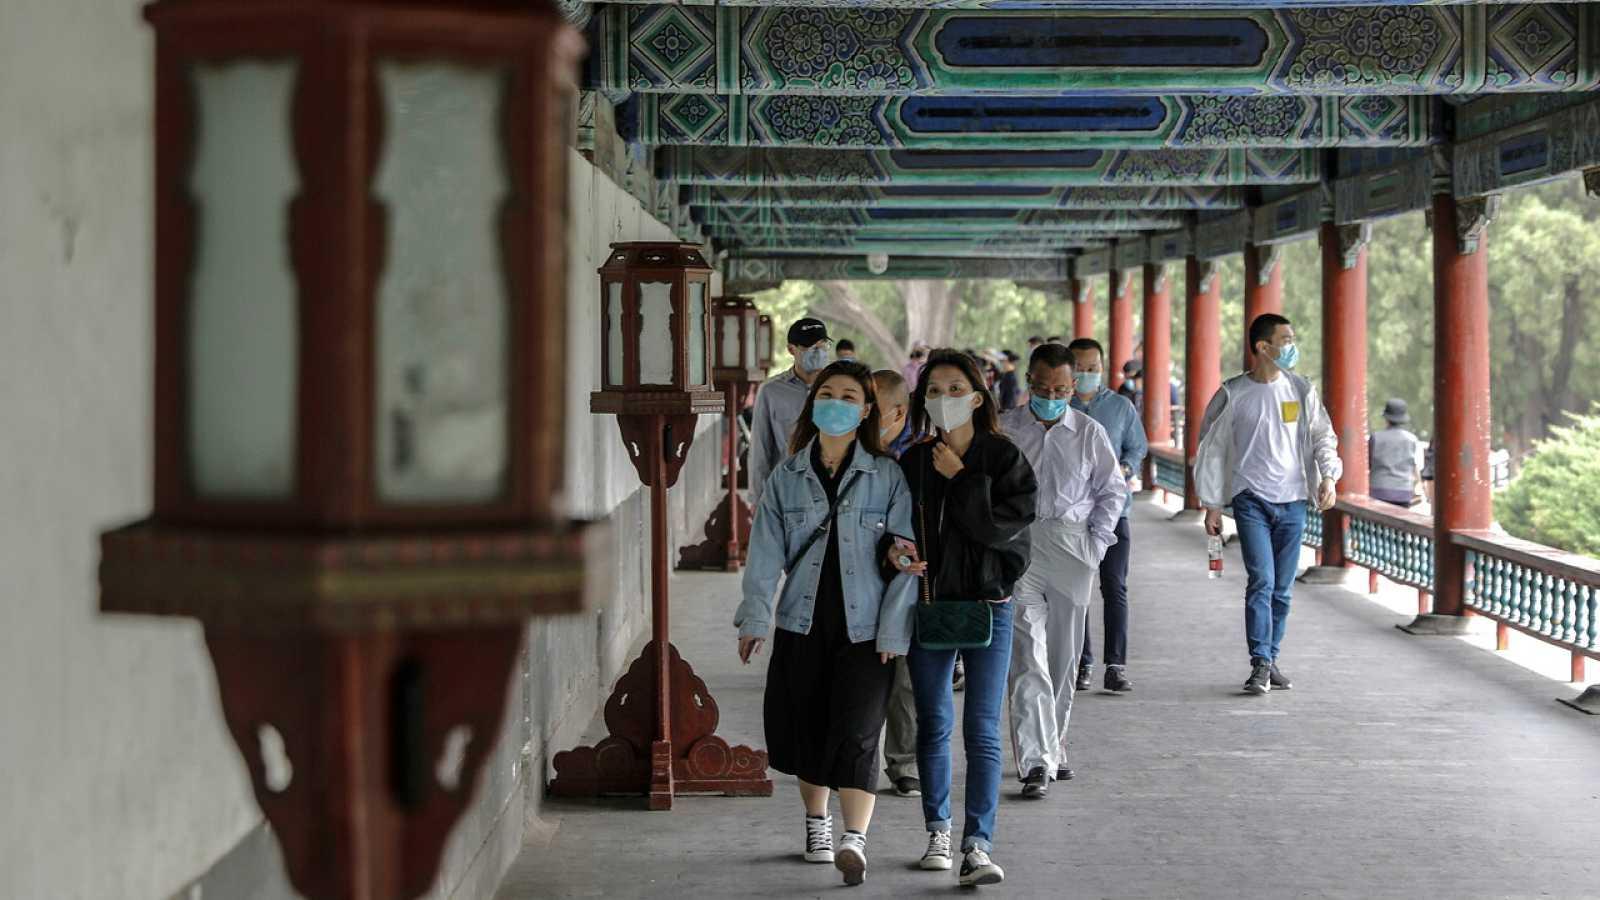 Visitantes con mascarillas en el Templo del Cielo, Pekín